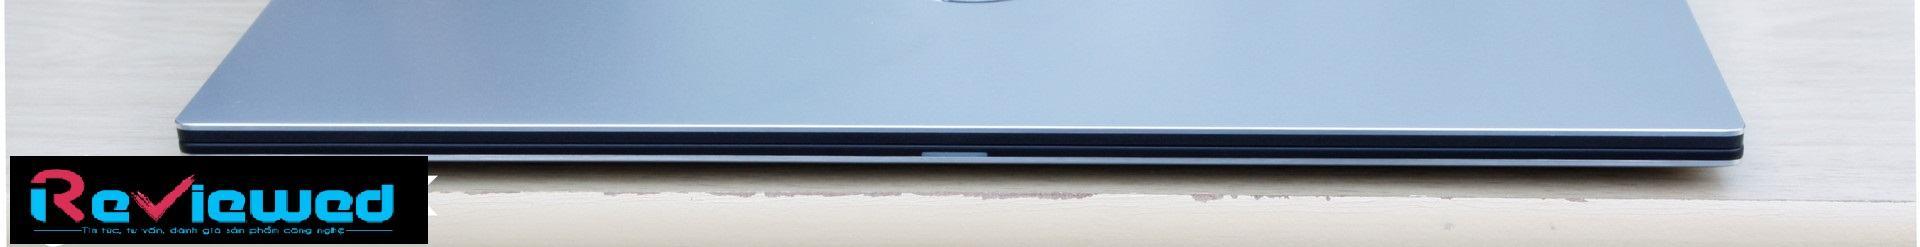 đánh giá Dell XPS 13 9365 2 in 1